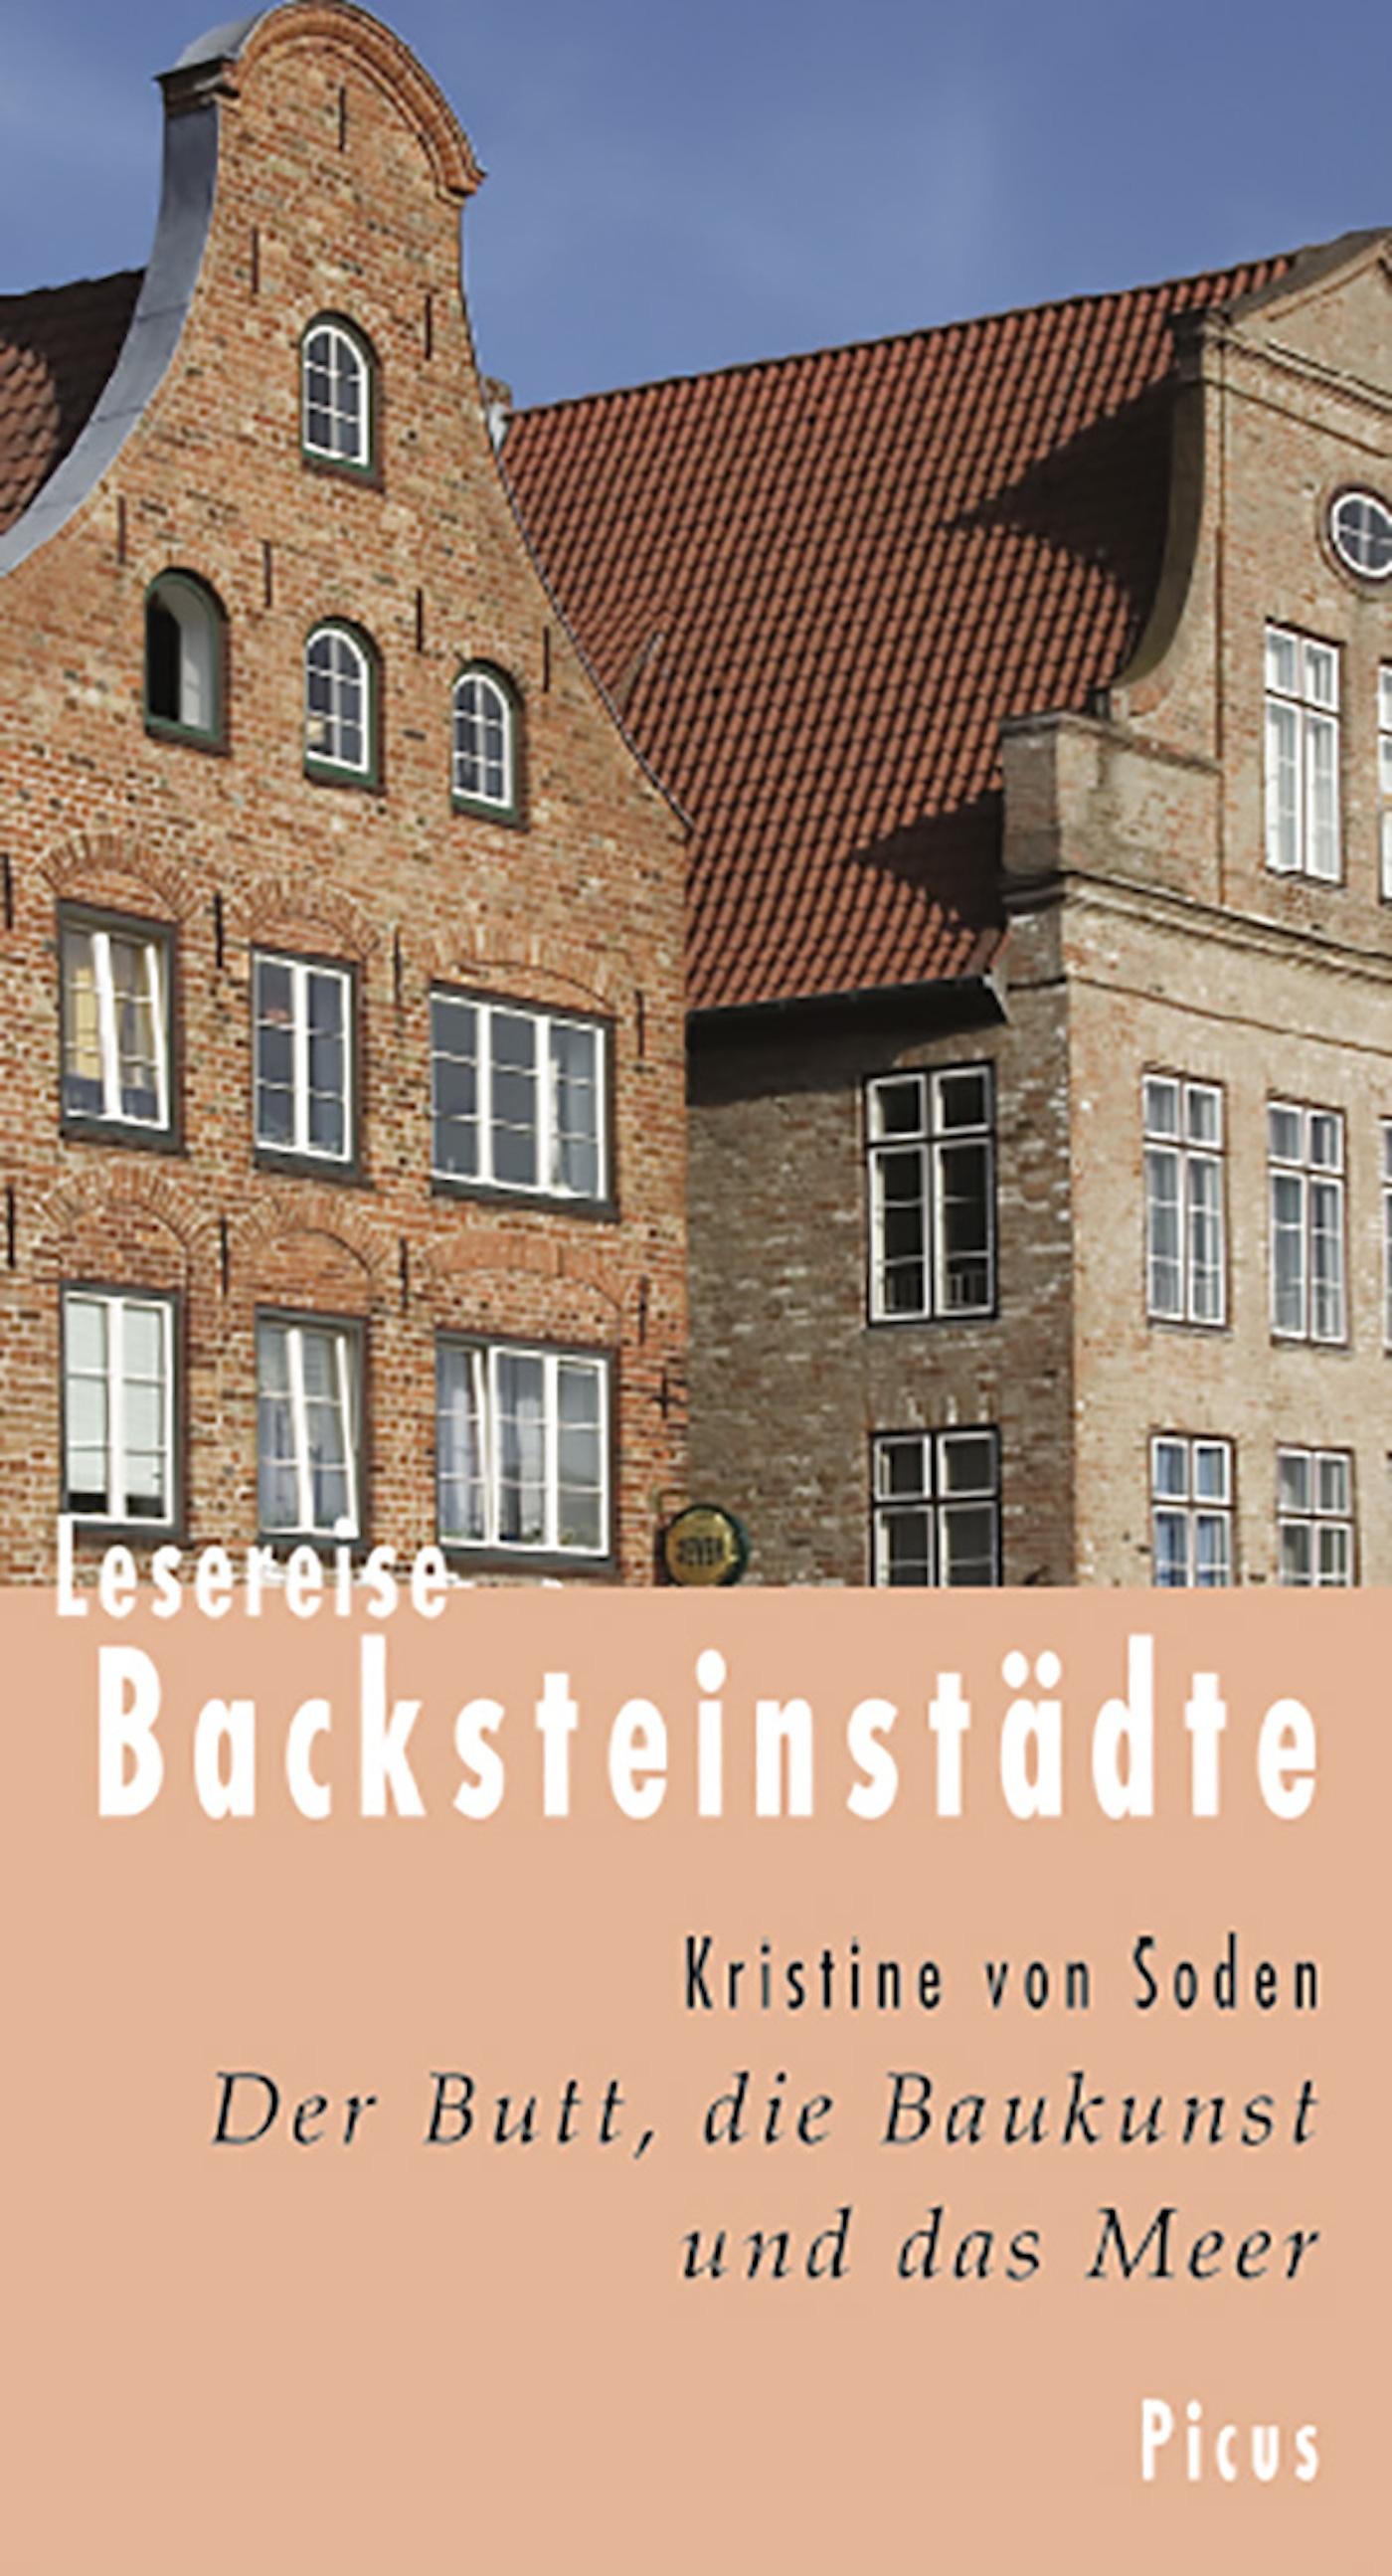 Kristine von Soden Lesereise Backsteinstädte